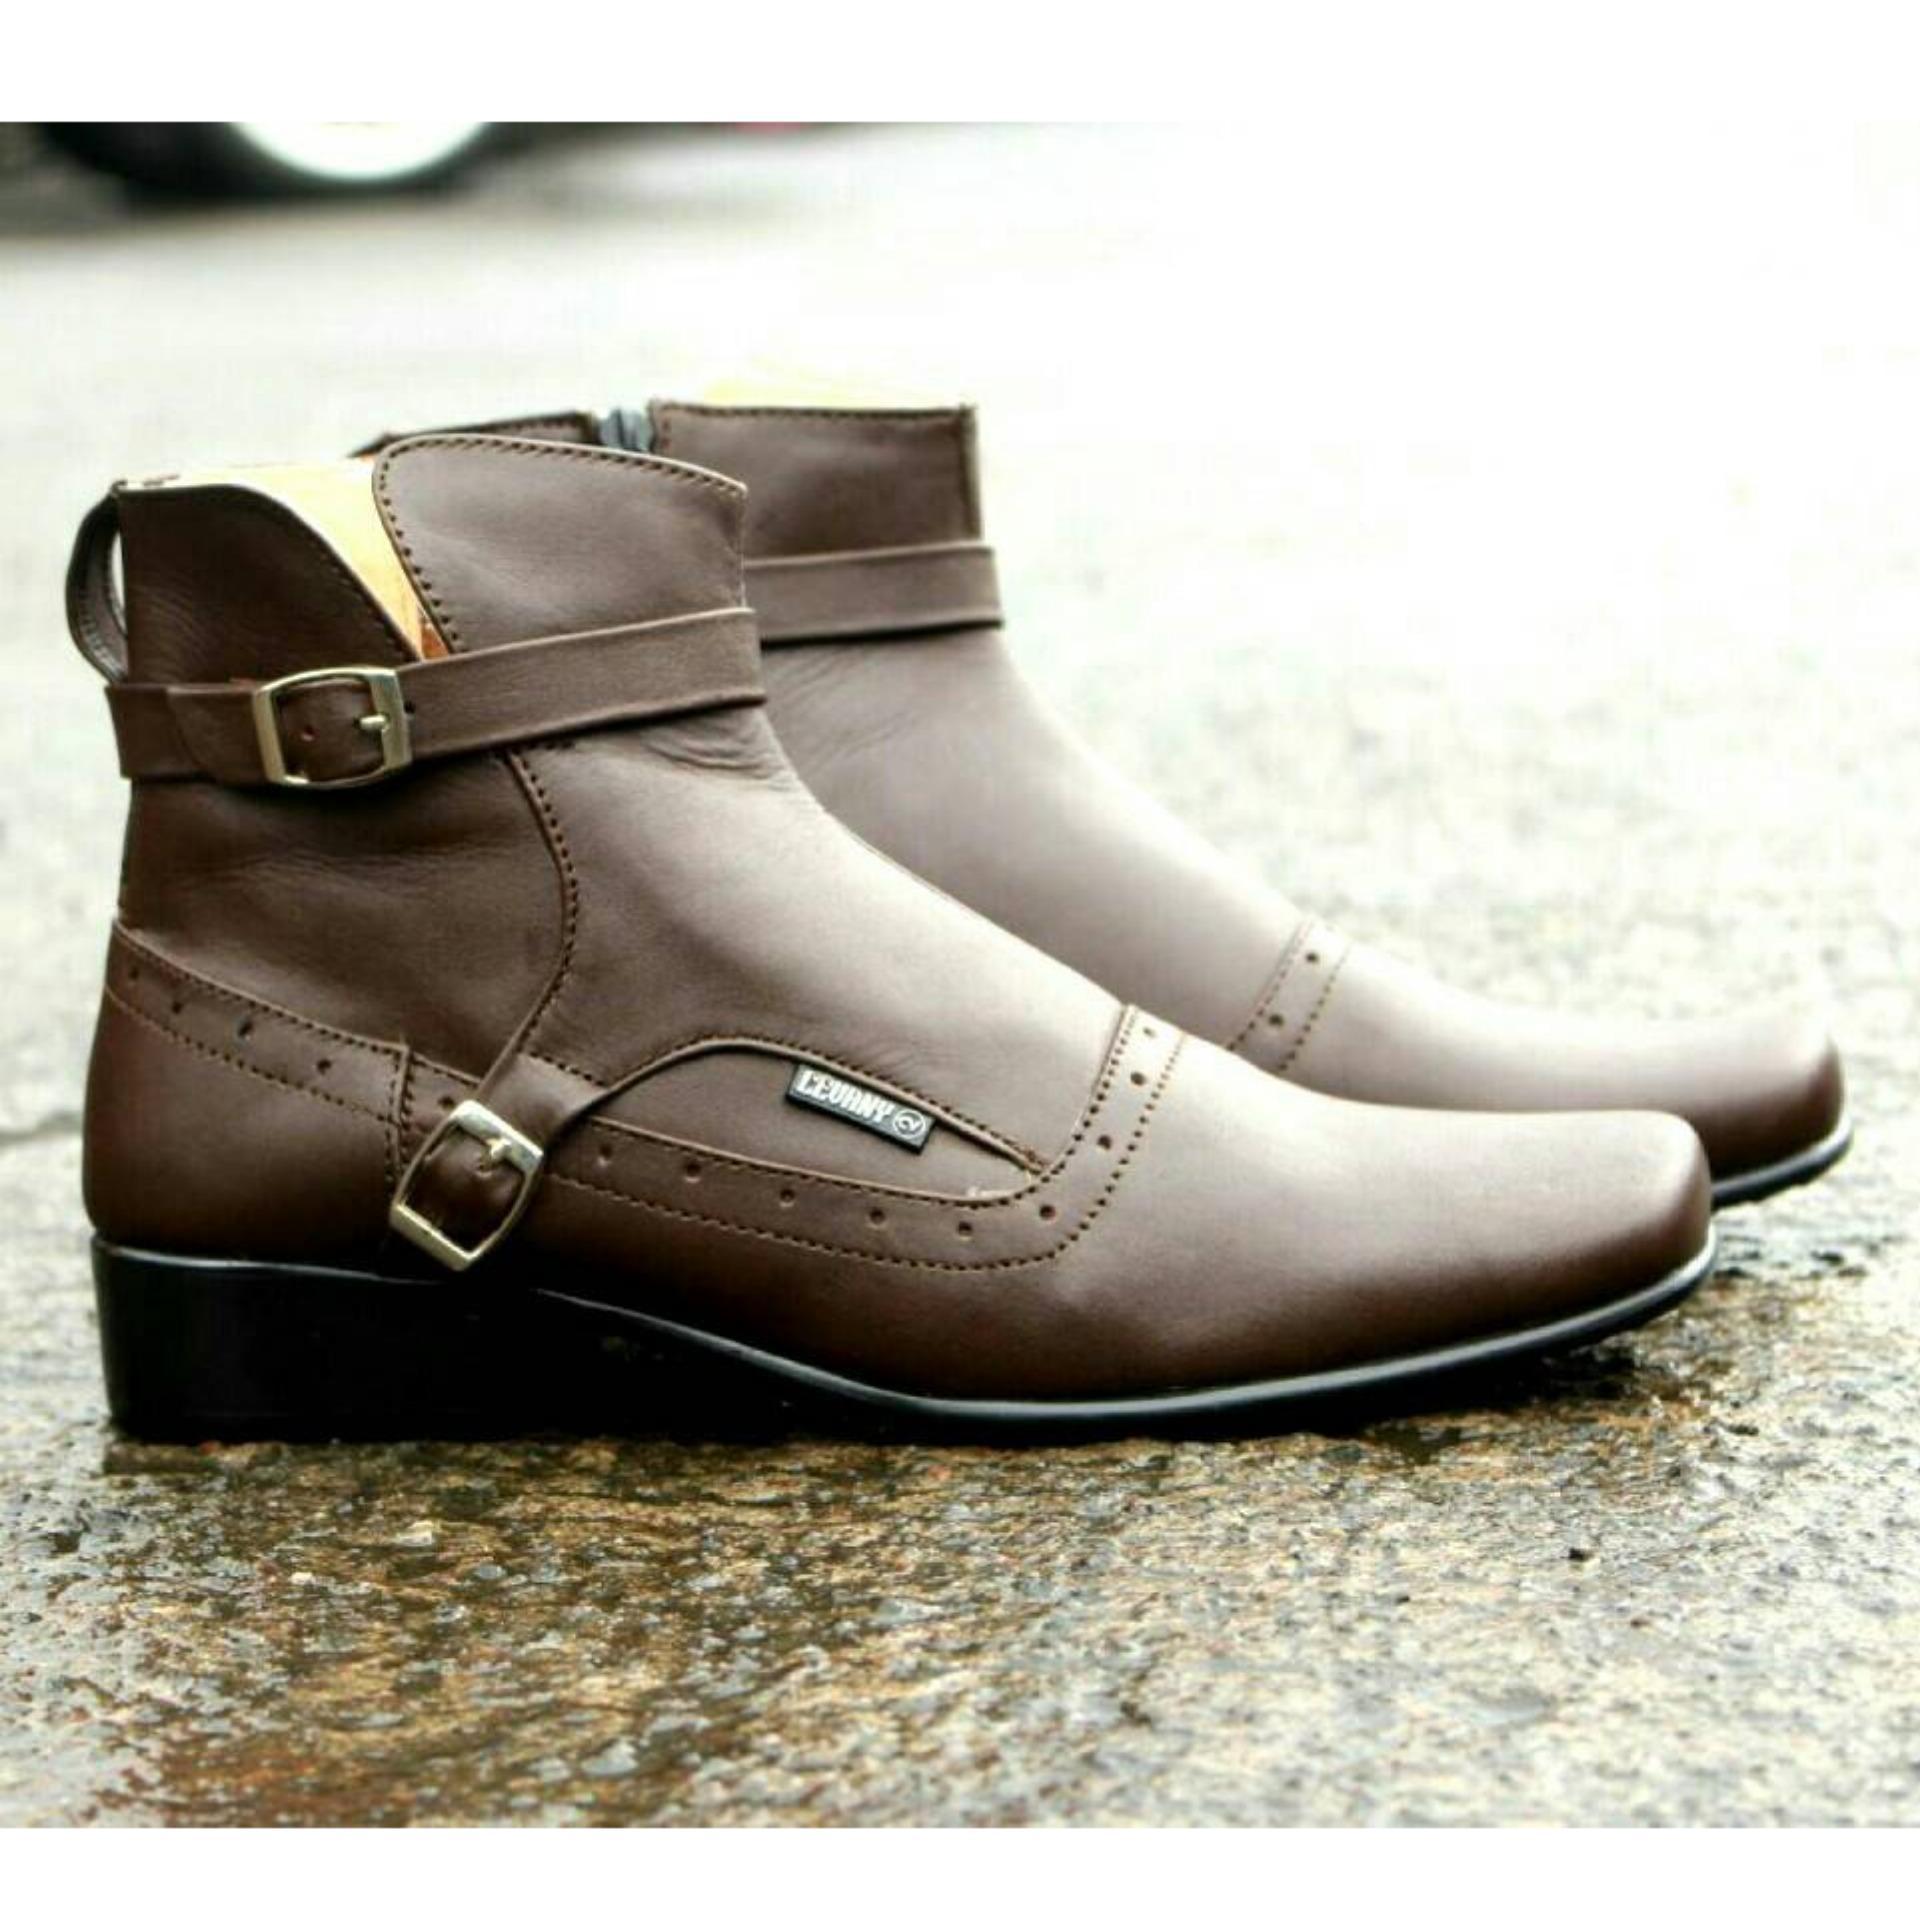 Detail Gambar Sepatu Boots Kulit Asli Terkini Pria Keren - CEVANY PACUAN -  Brown Terbaru 21a1c9ac4a